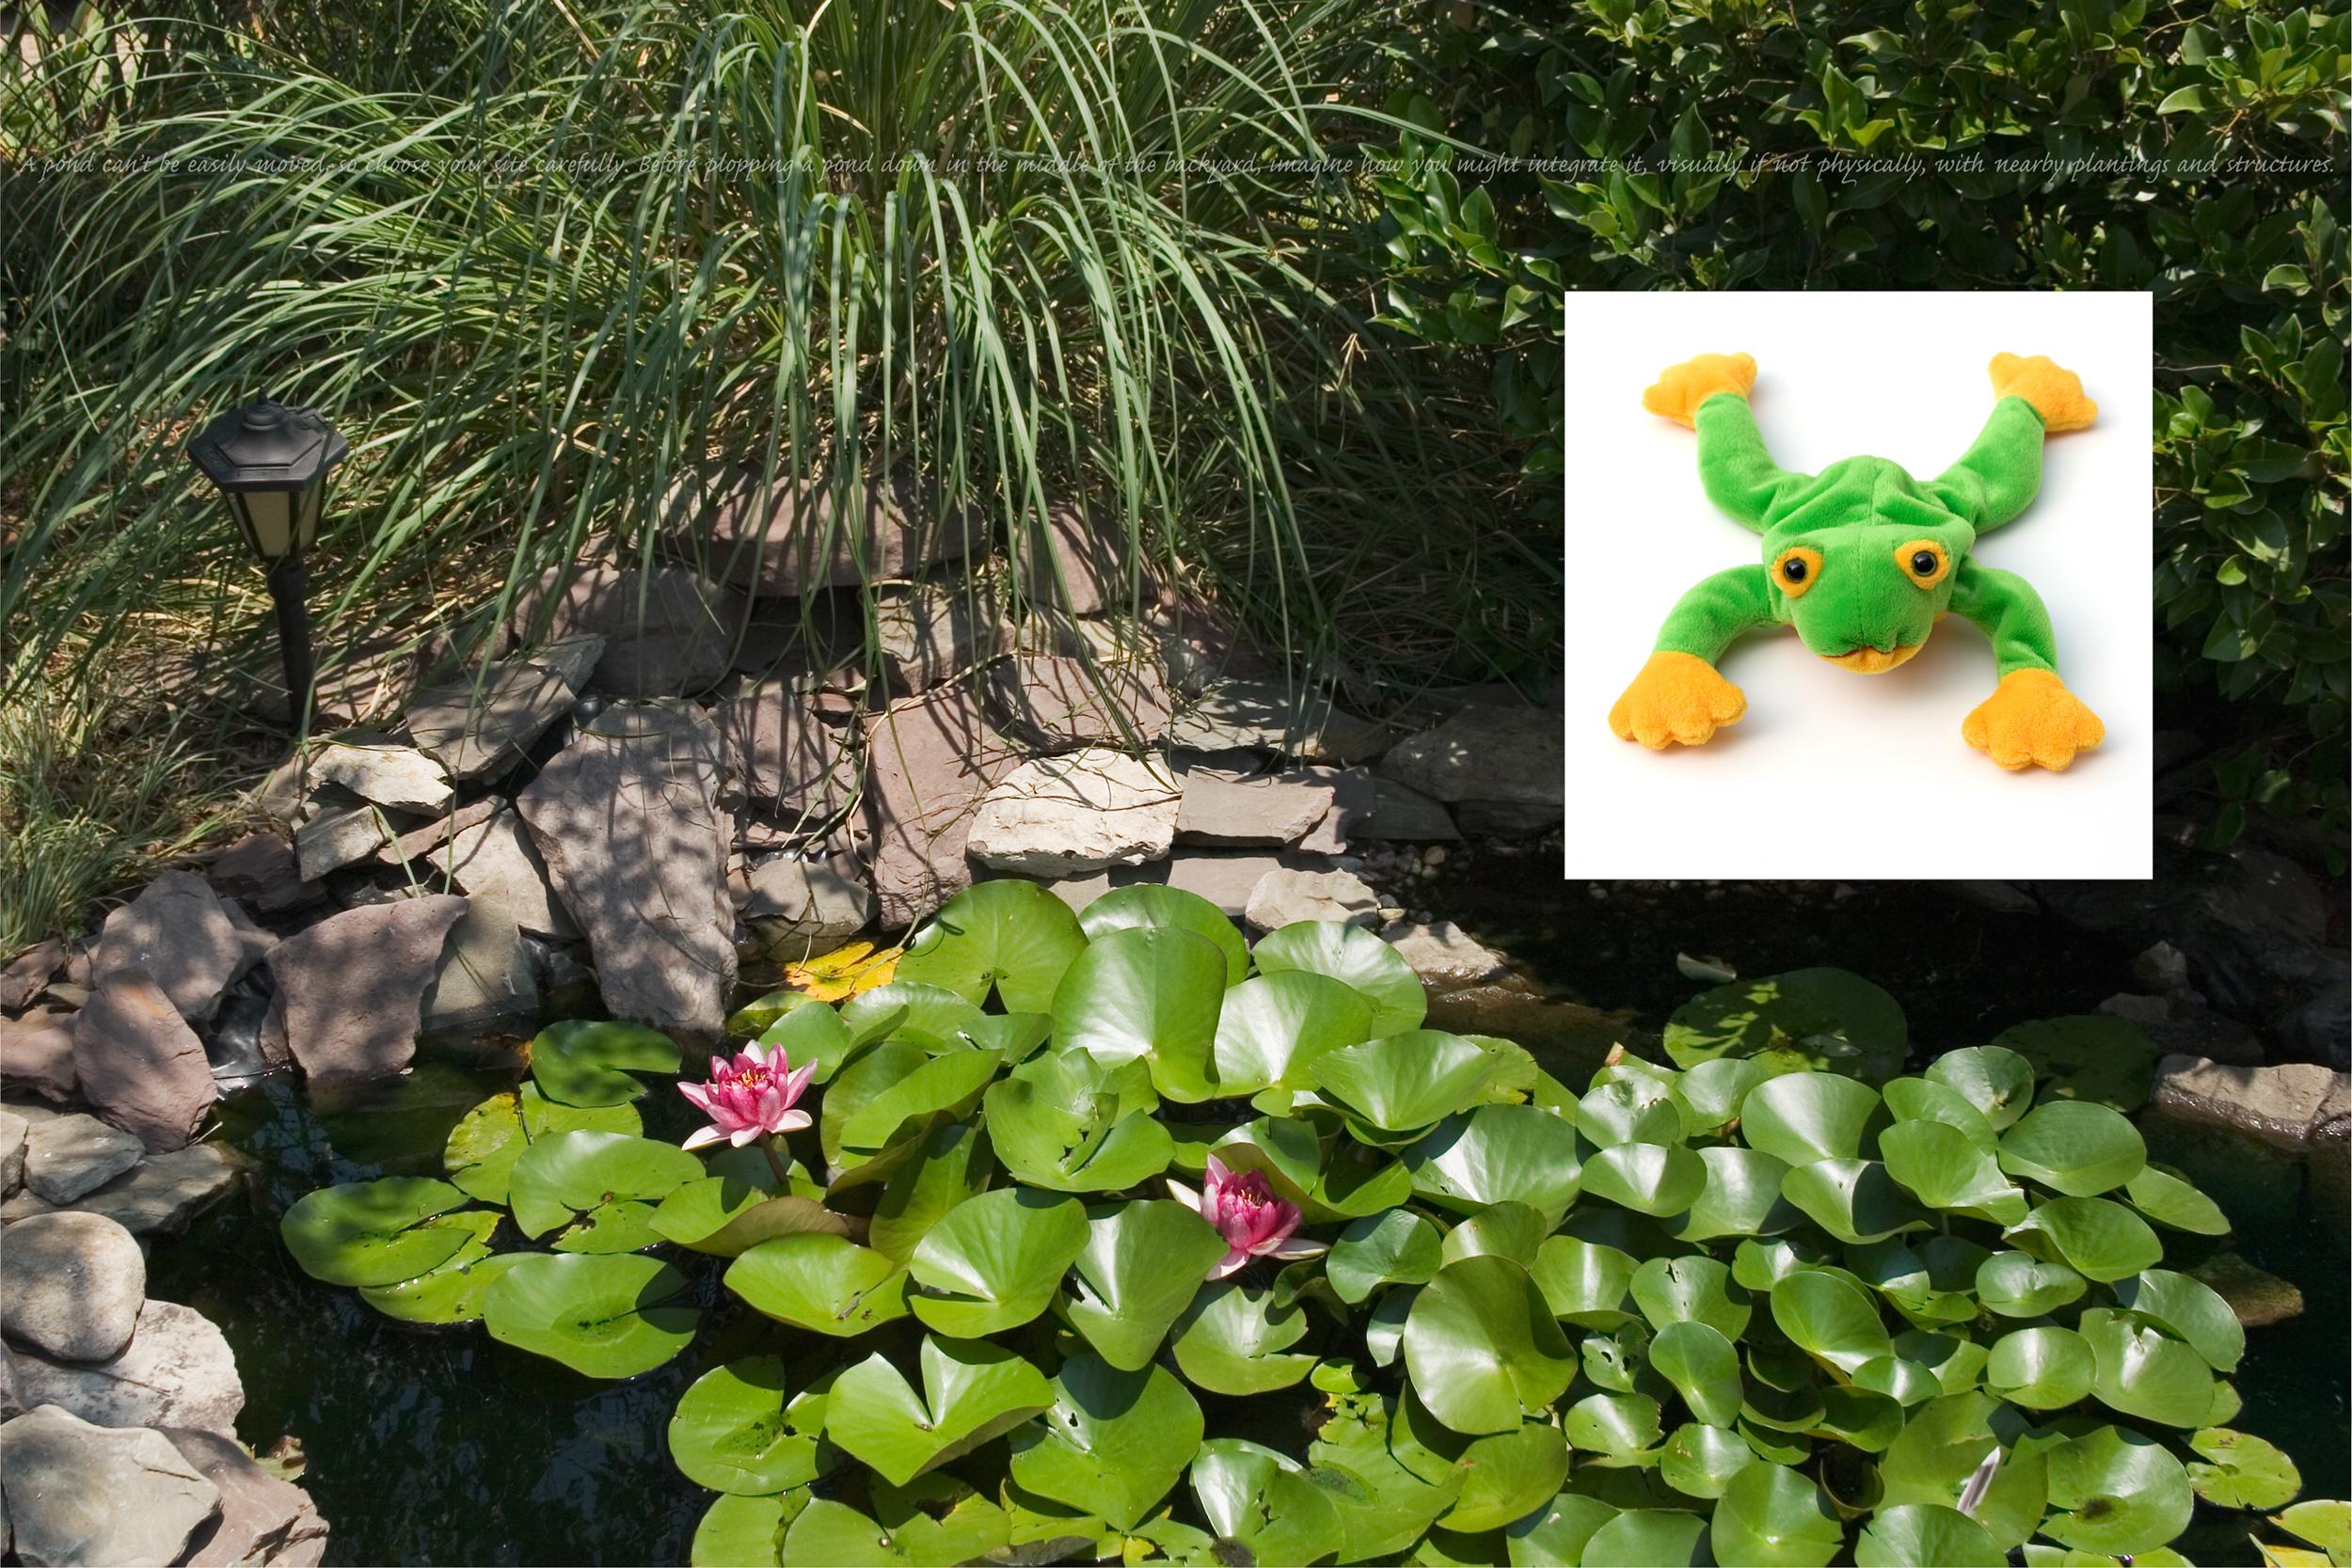 Flora & Fauna: Frog